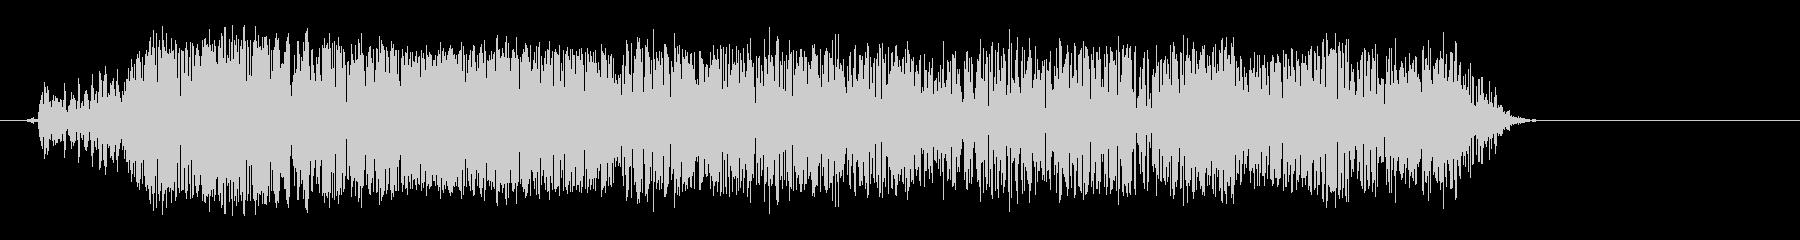 メェー(羊が鳴く音02)の未再生の波形